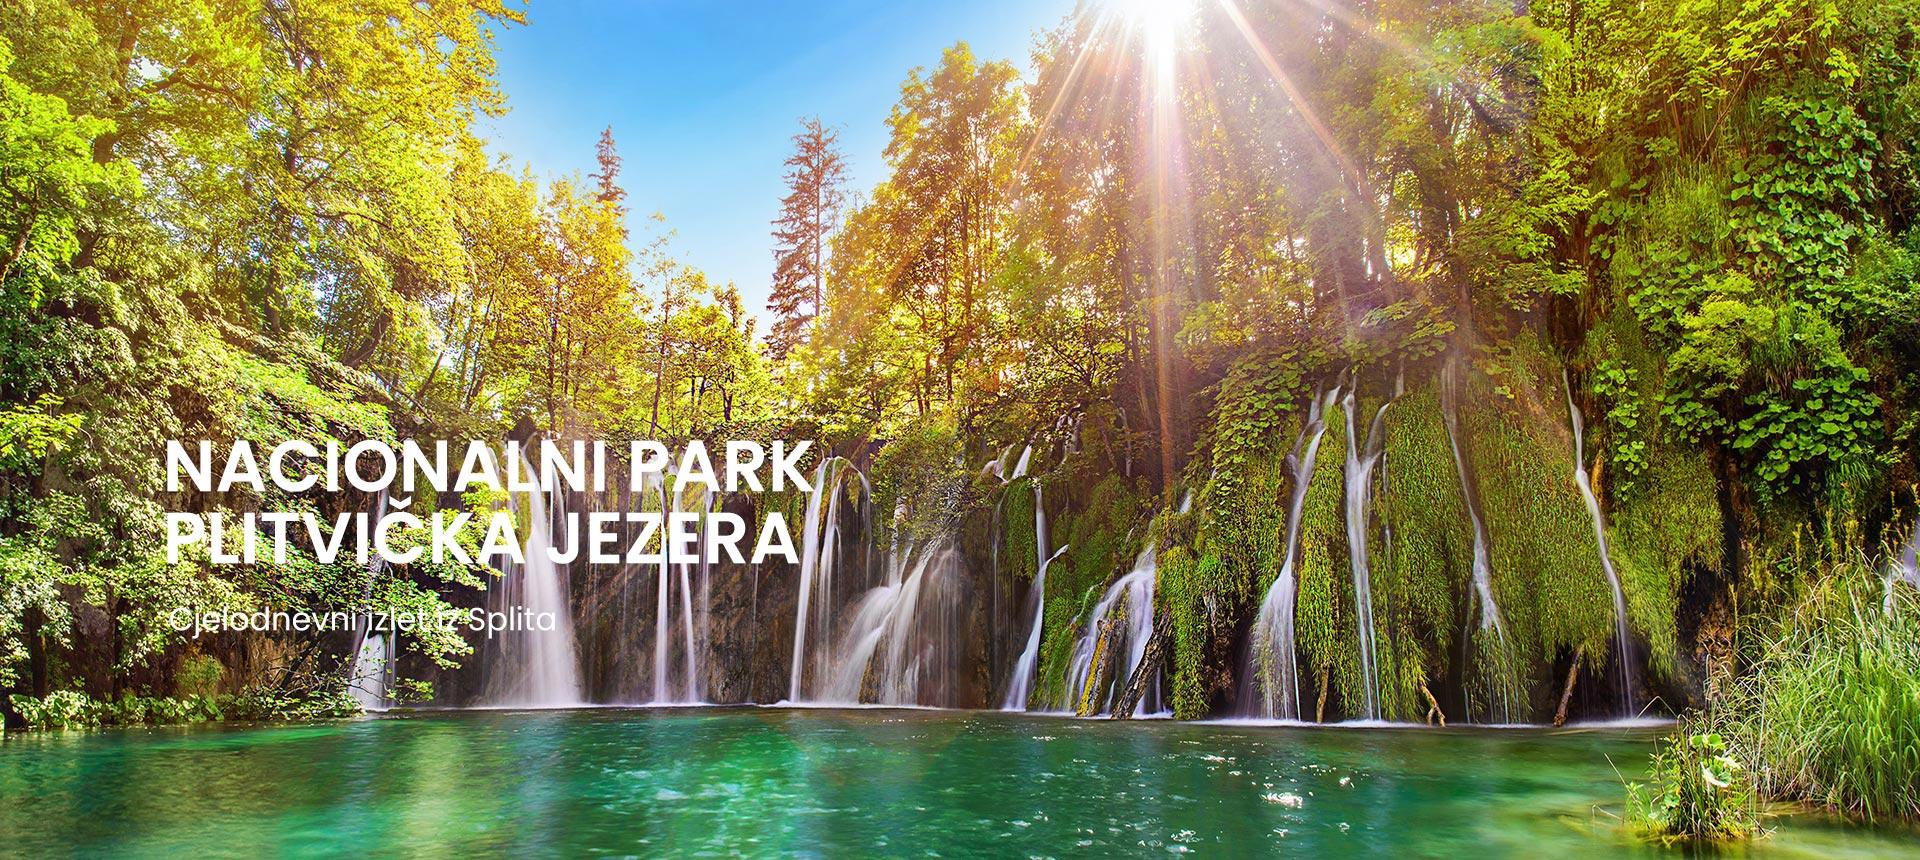 cjelodnevni izlet iz Splita u Plitvička jezera